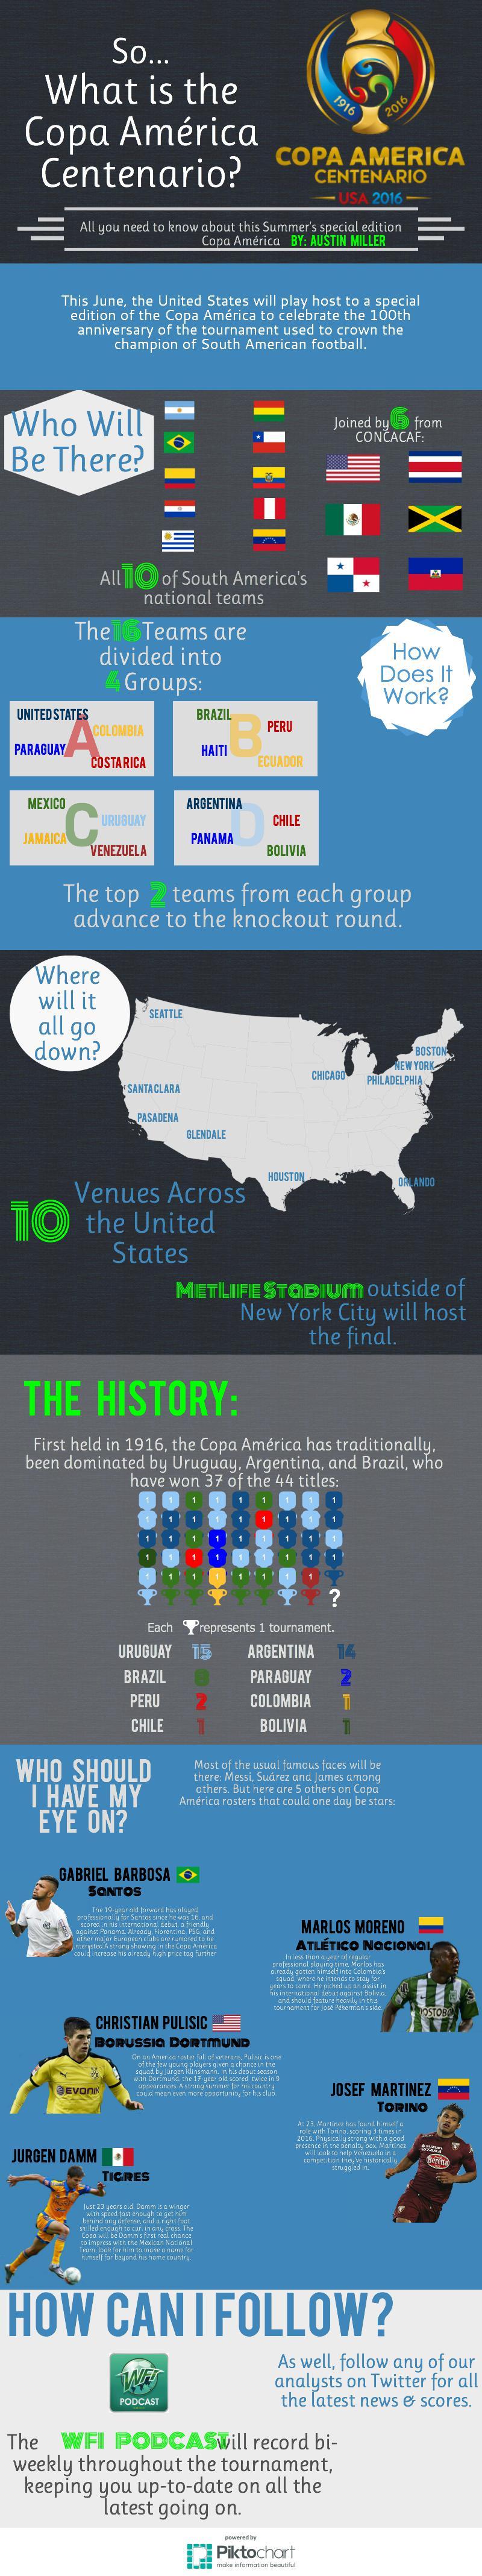 Copa America Centenario Infographic – #Copa100